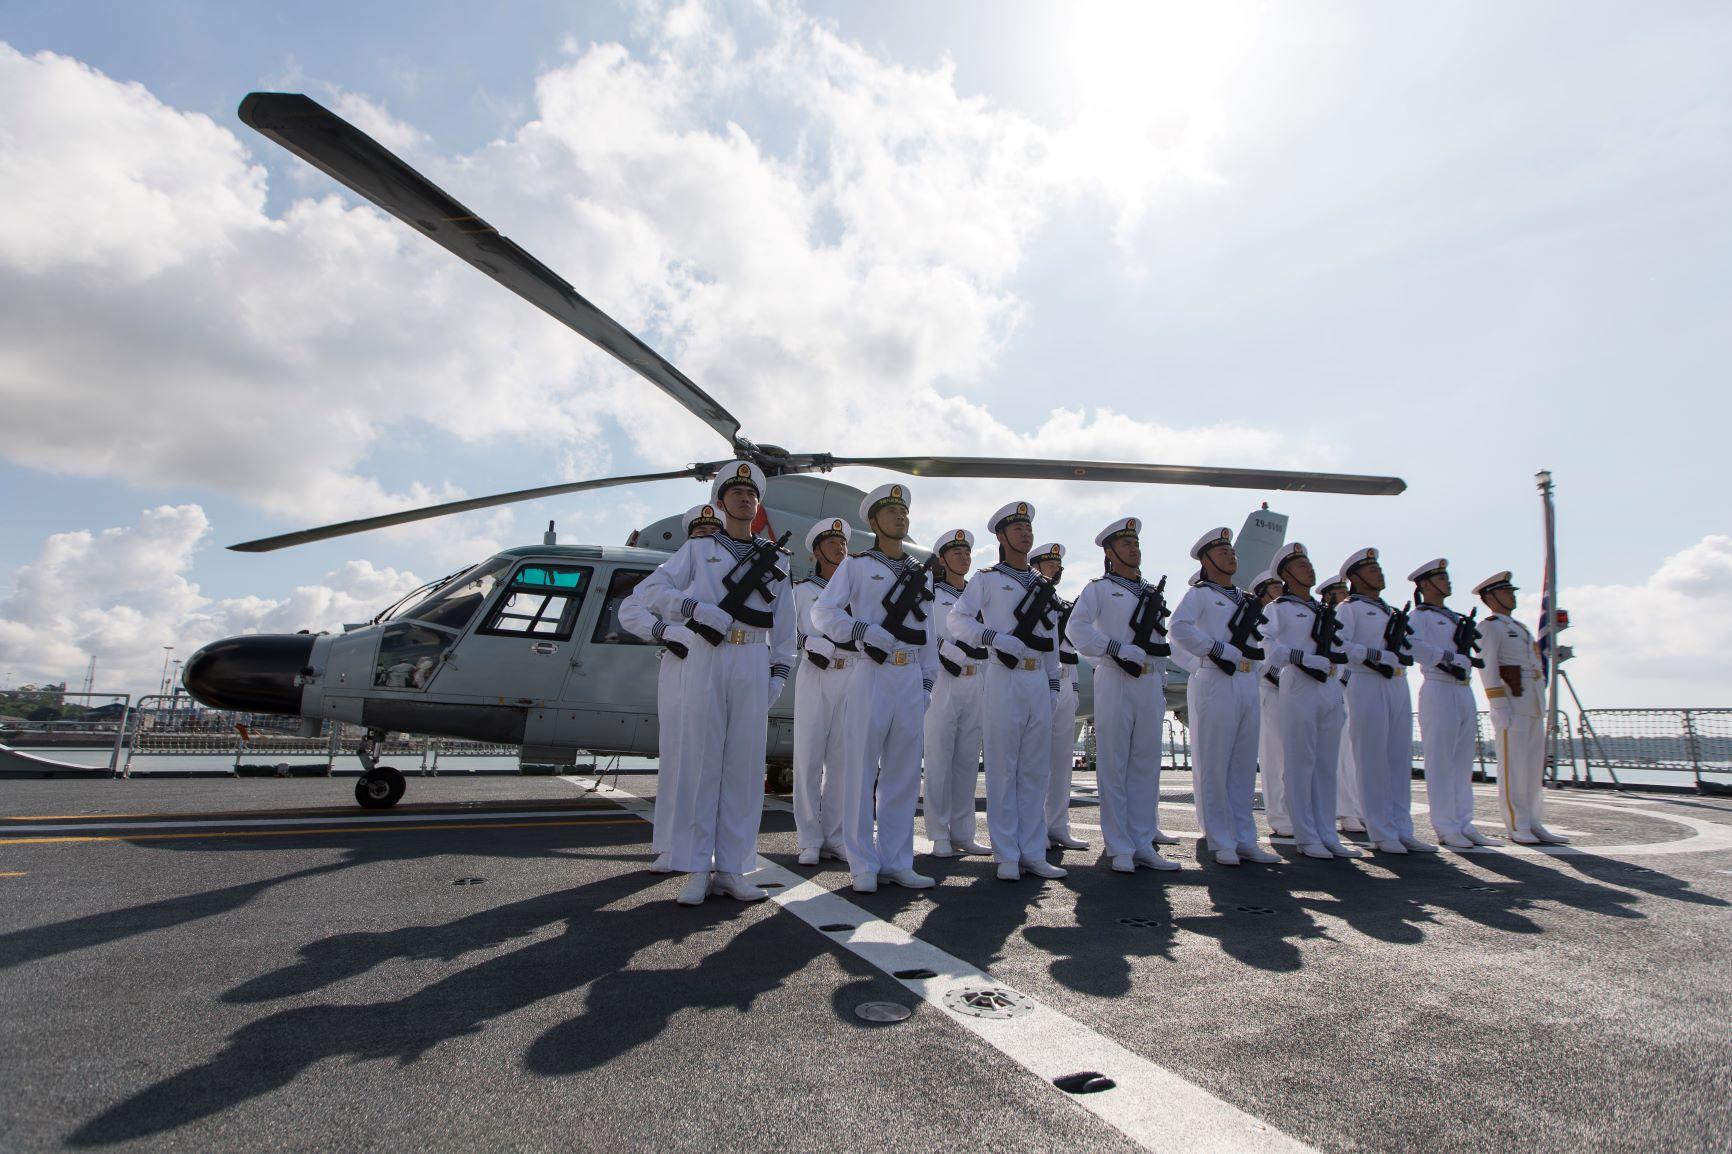 Les marins chinois à bord de la frégate lance-missiles Weifang au port de Mombasa, au Kenya, le 8 décembre 2019. (Xinhua/Xie Han)